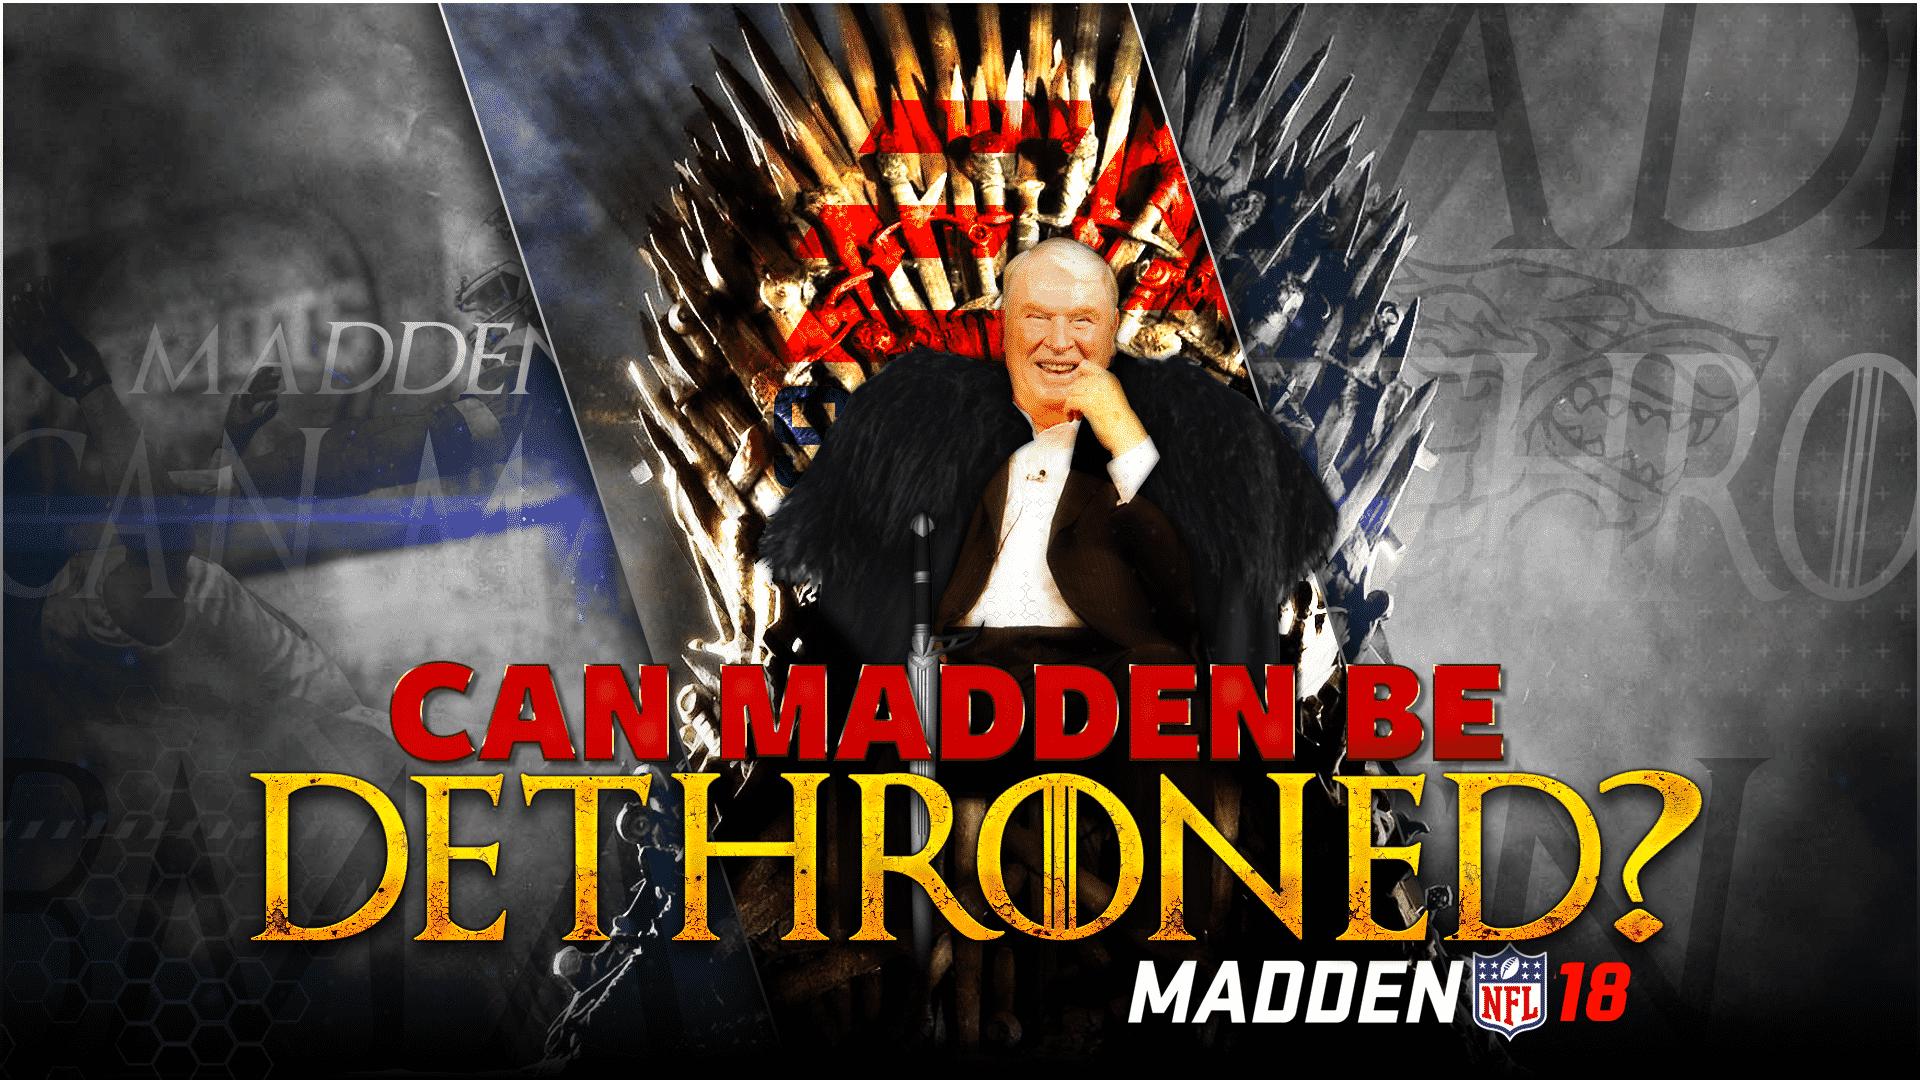 Madden dethroned